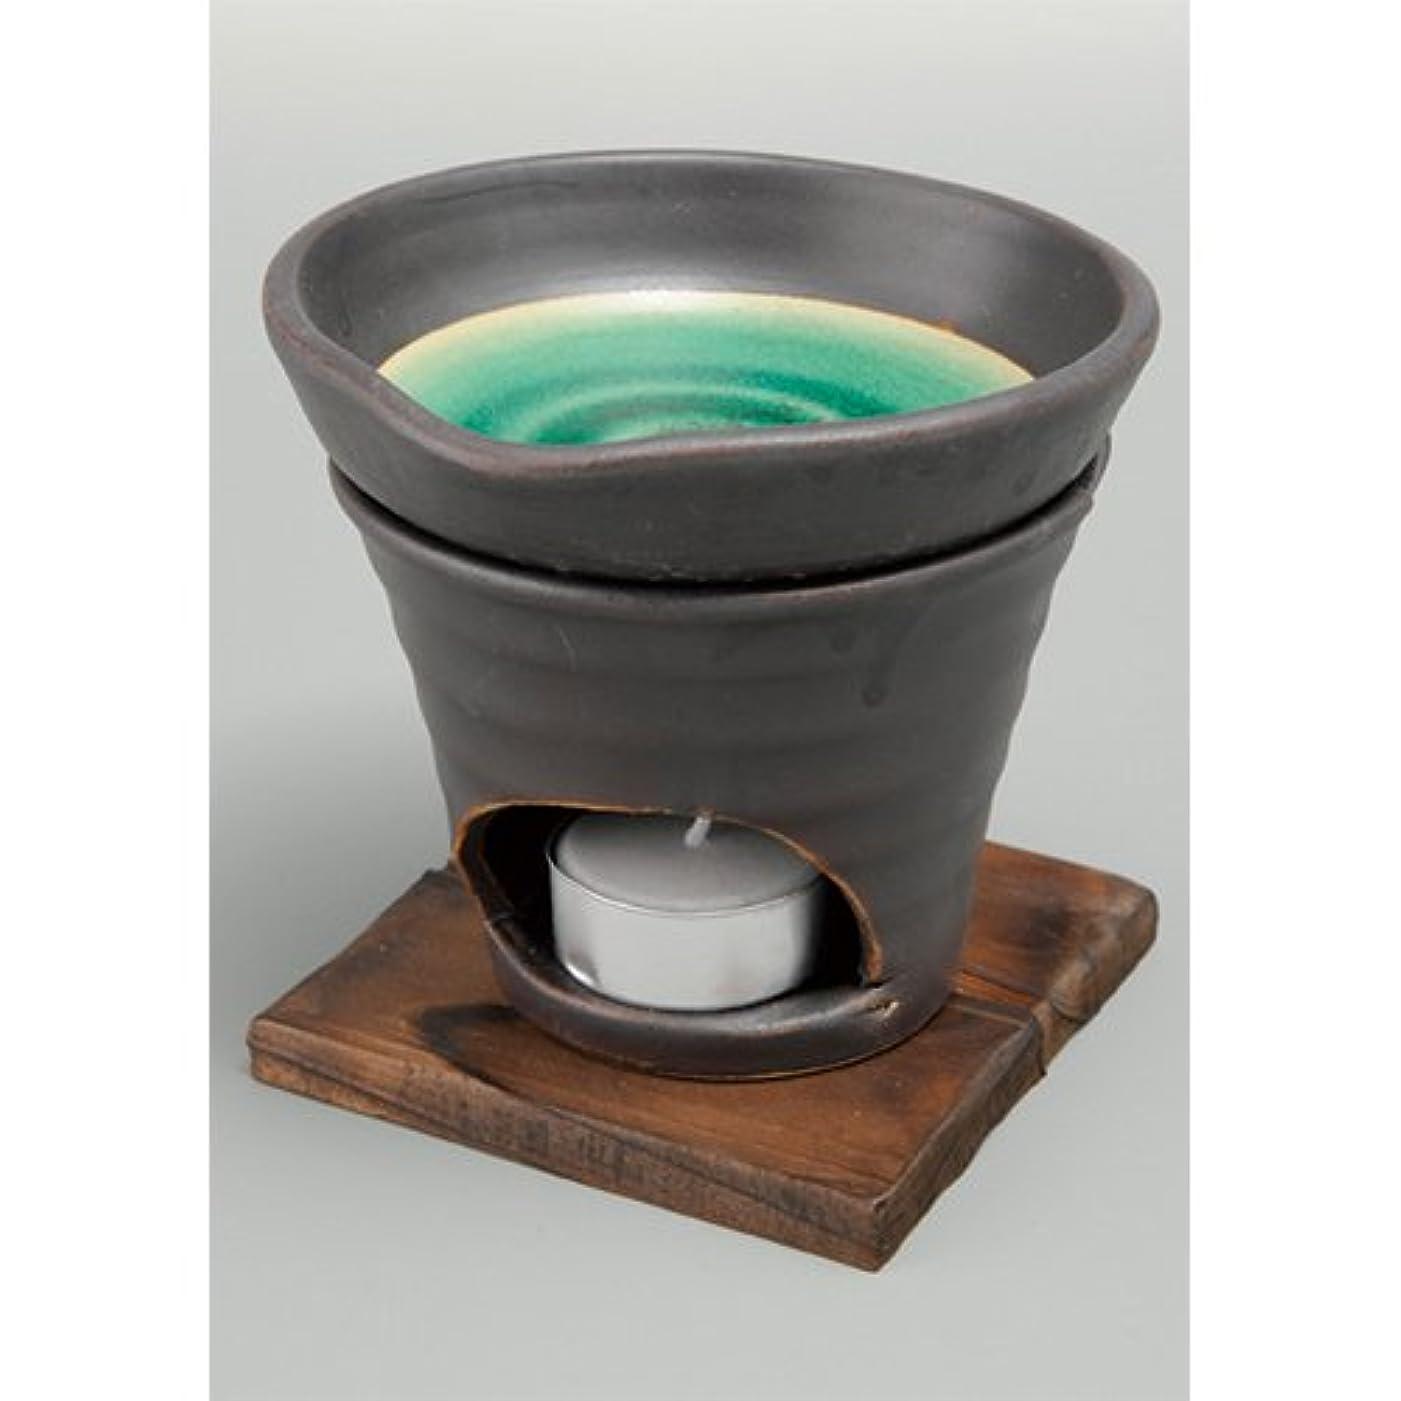 原稿牛肉どうやって香炉 黒釉 茶香炉(緑) [R11.8xH11.5cm] HANDMADE プレゼント ギフト 和食器 かわいい インテリア